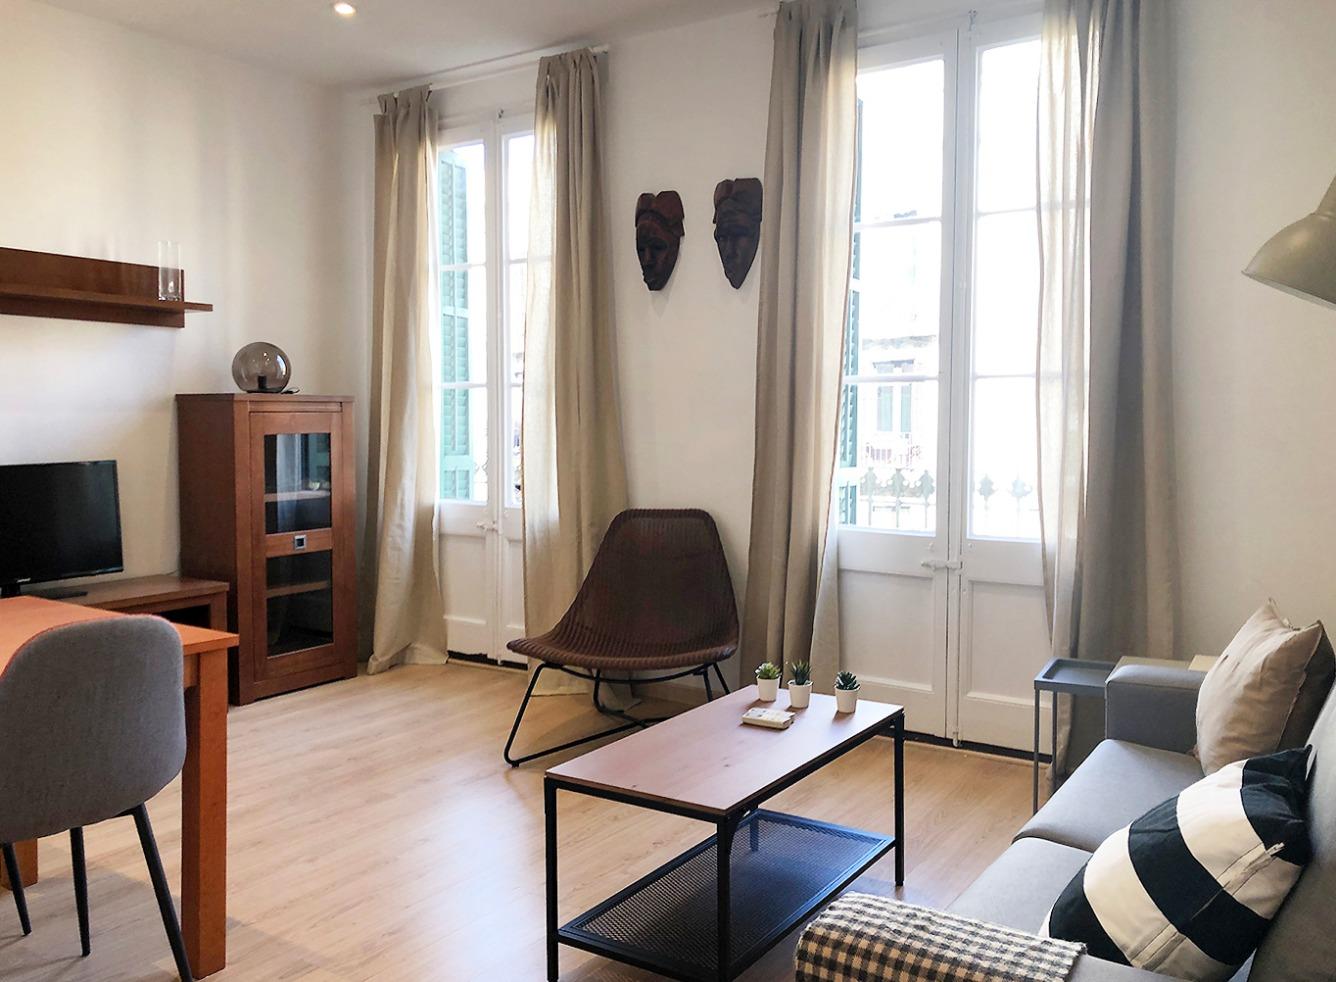 Lloguer Pis  Calle villarroel. 70 mts 1 habitación doble con 1 baño en suite 1 habitación ind